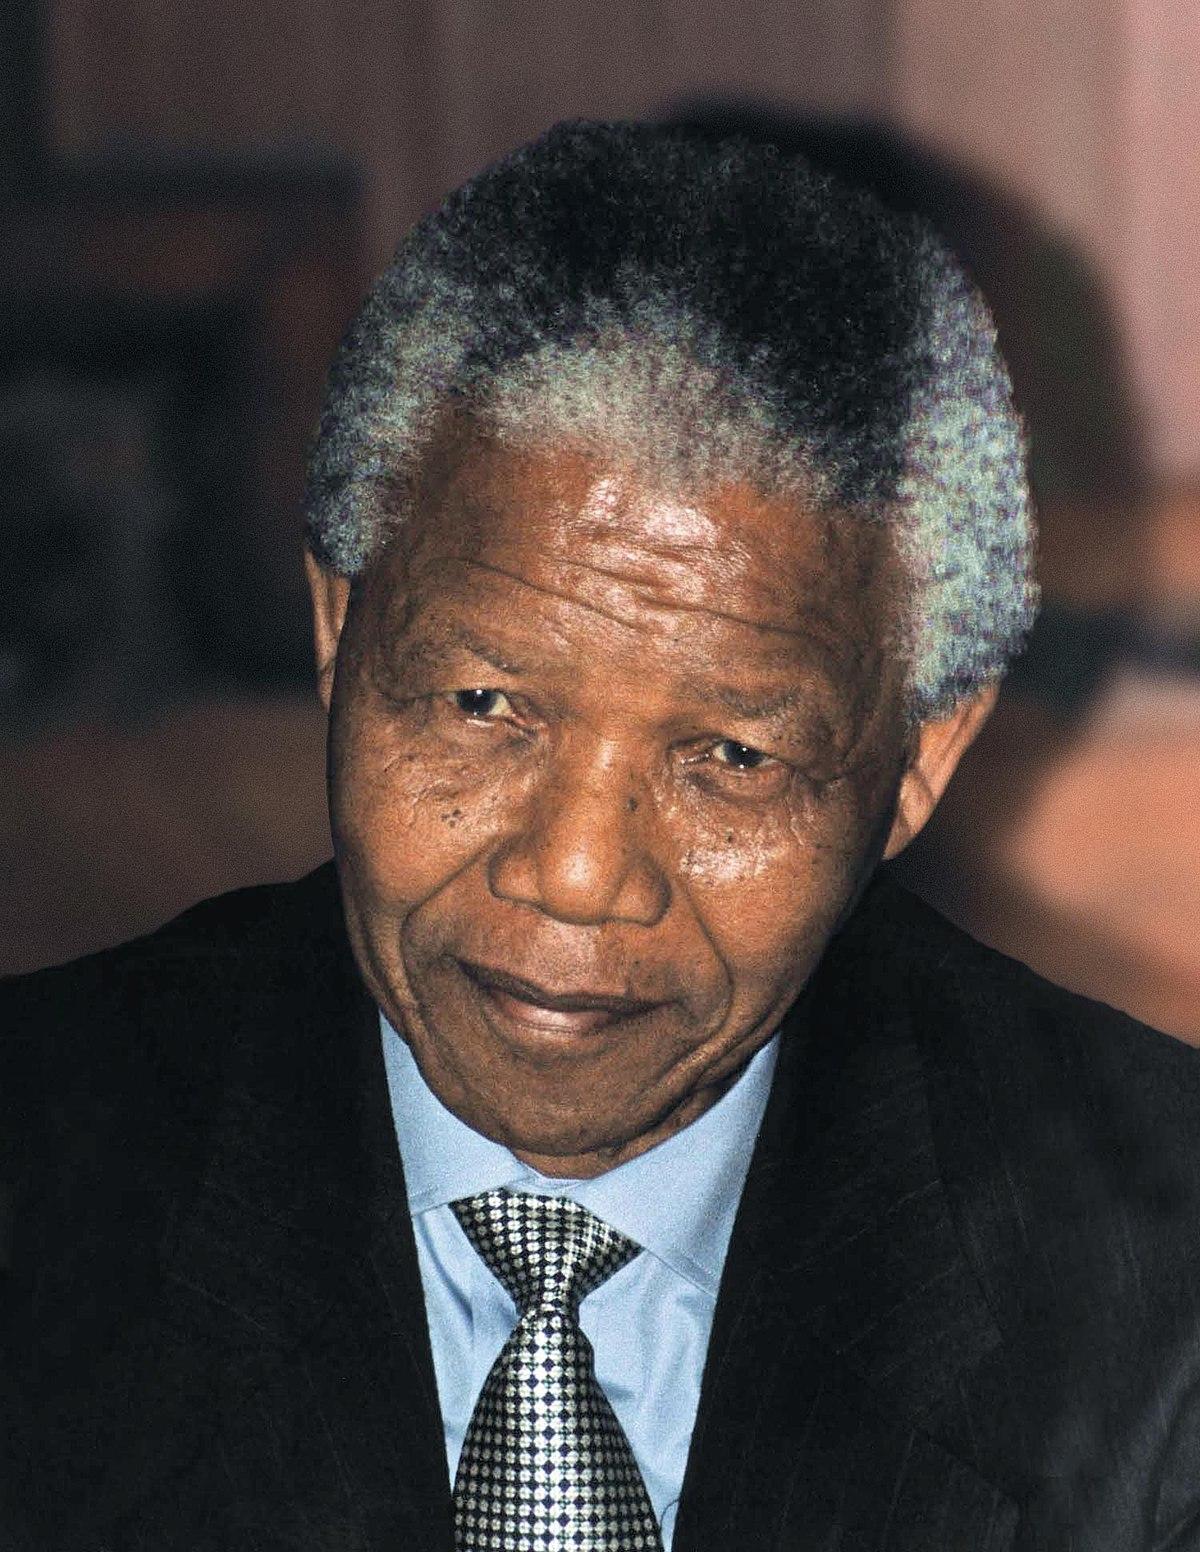 Nelson_Mandela_1994